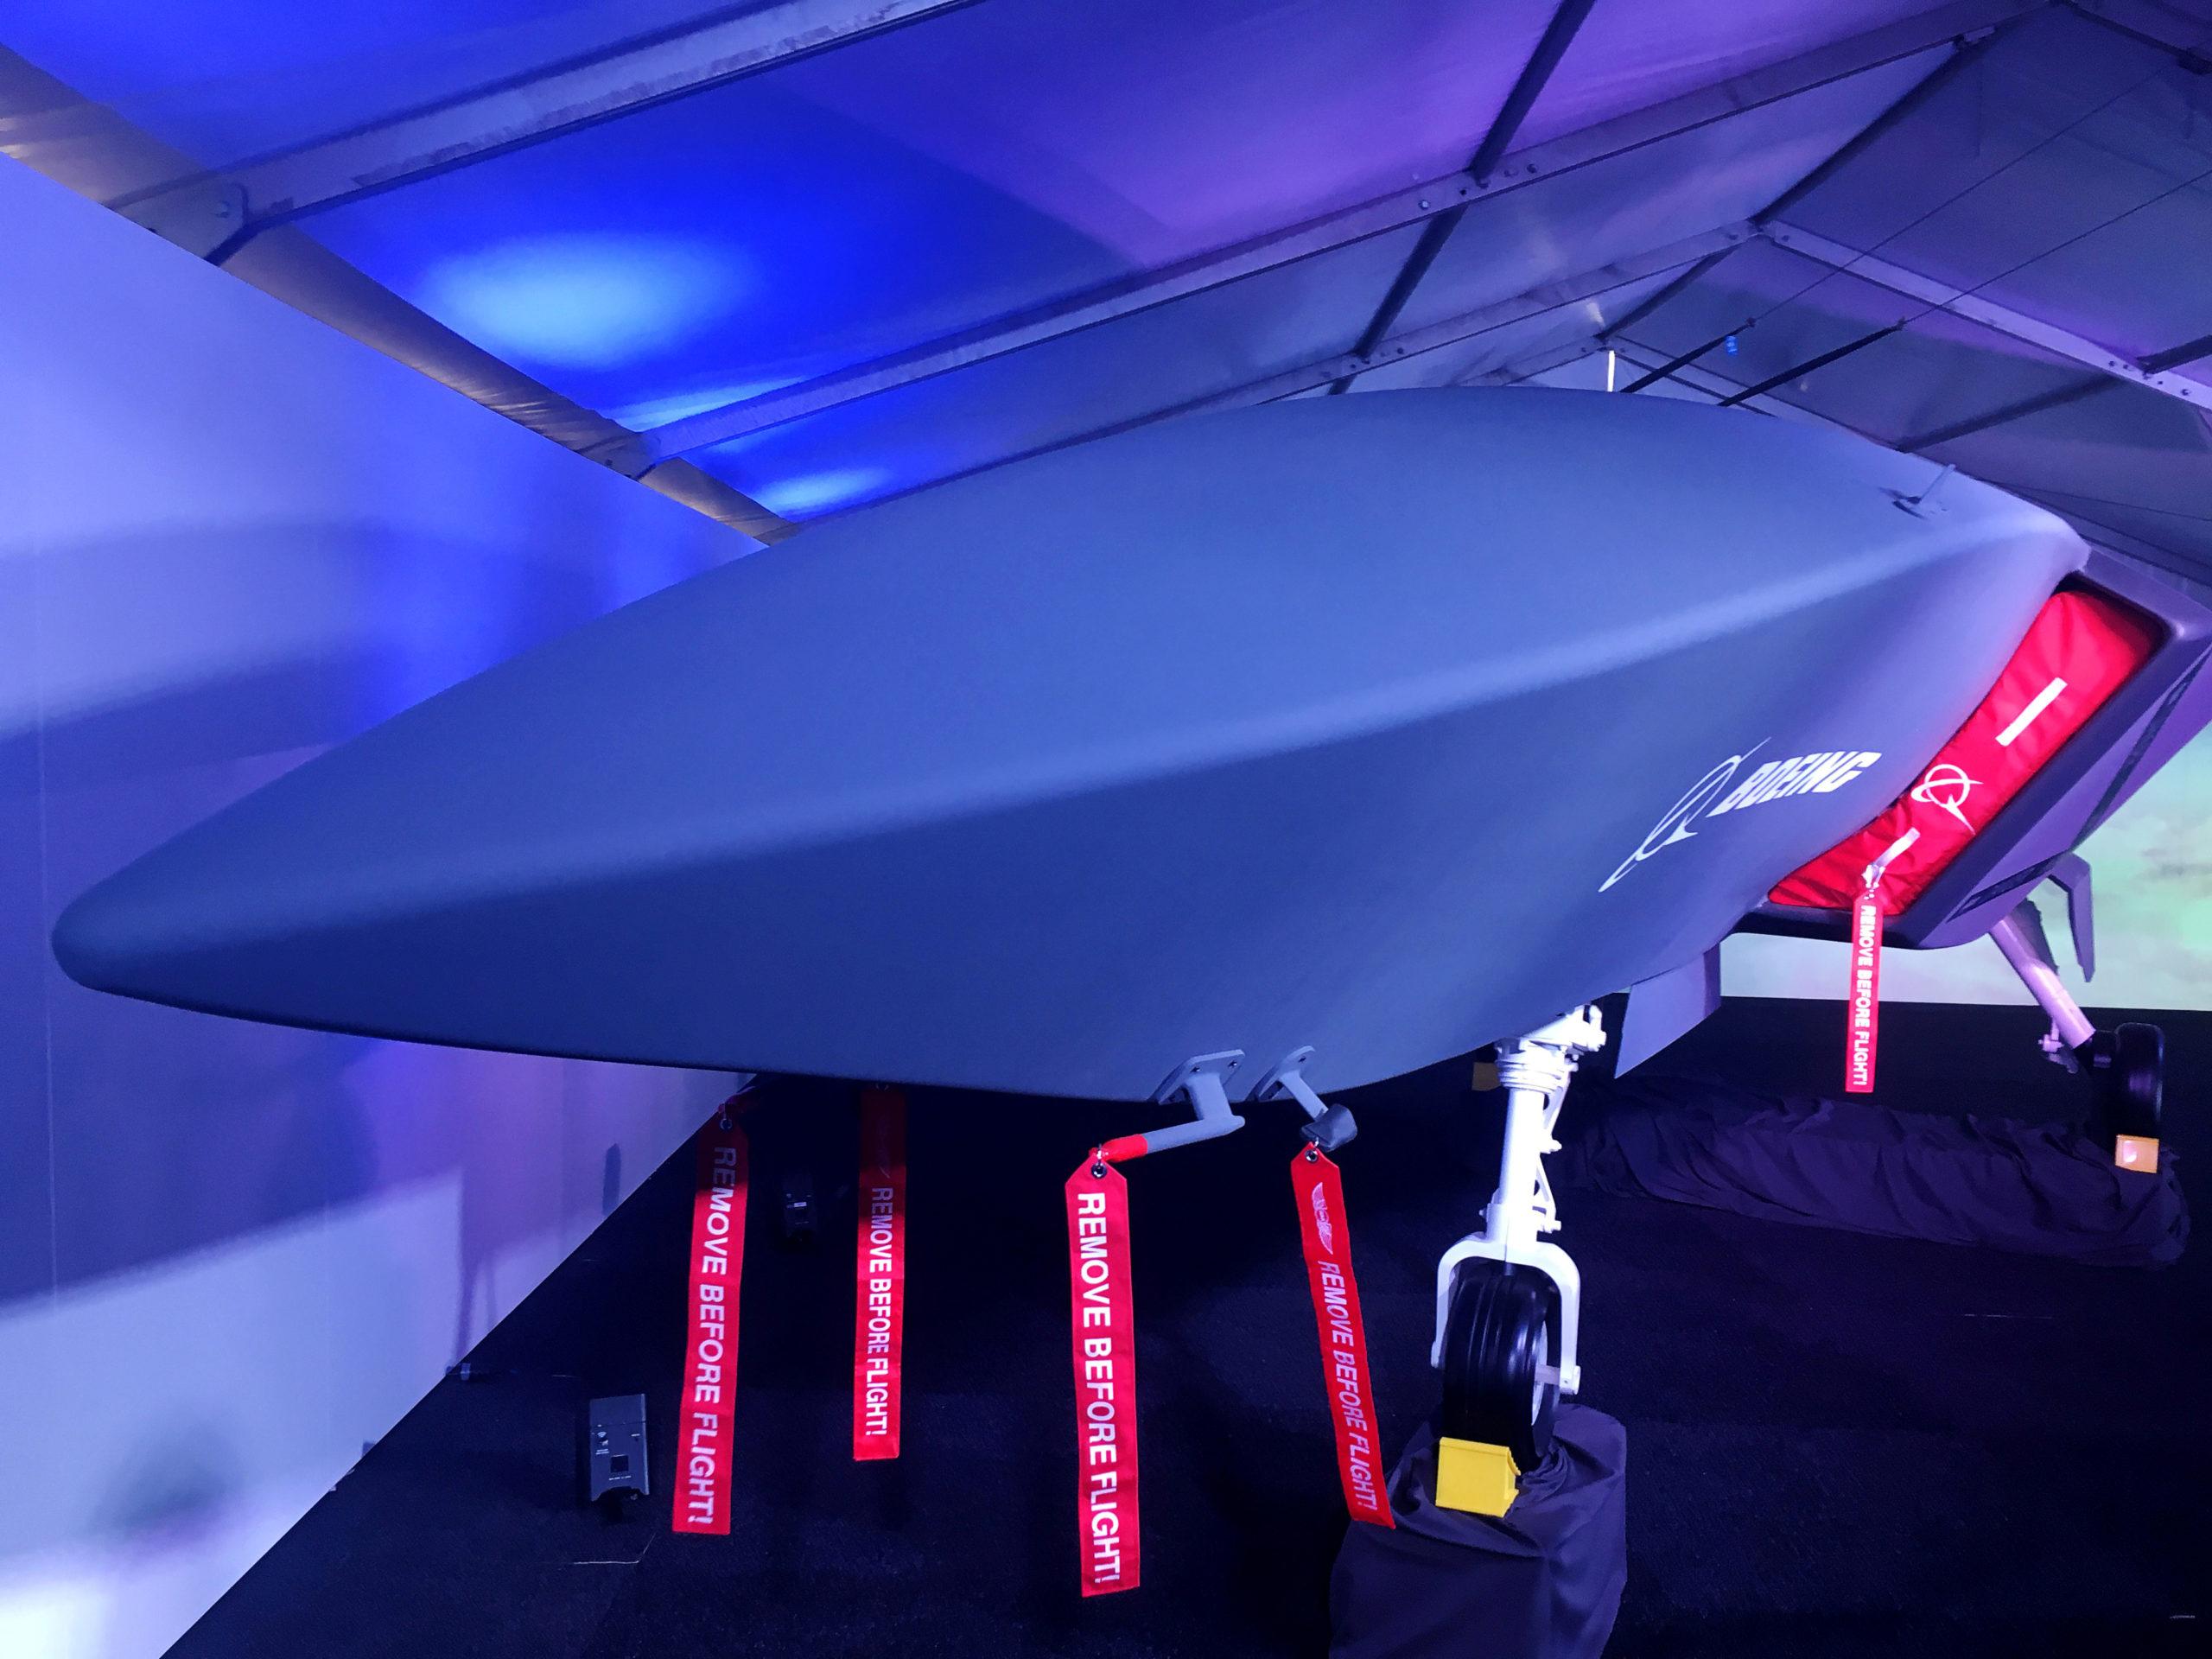 Boeing et l'armée australienne ont bouclé le premier test d'un chasseur sans pilote